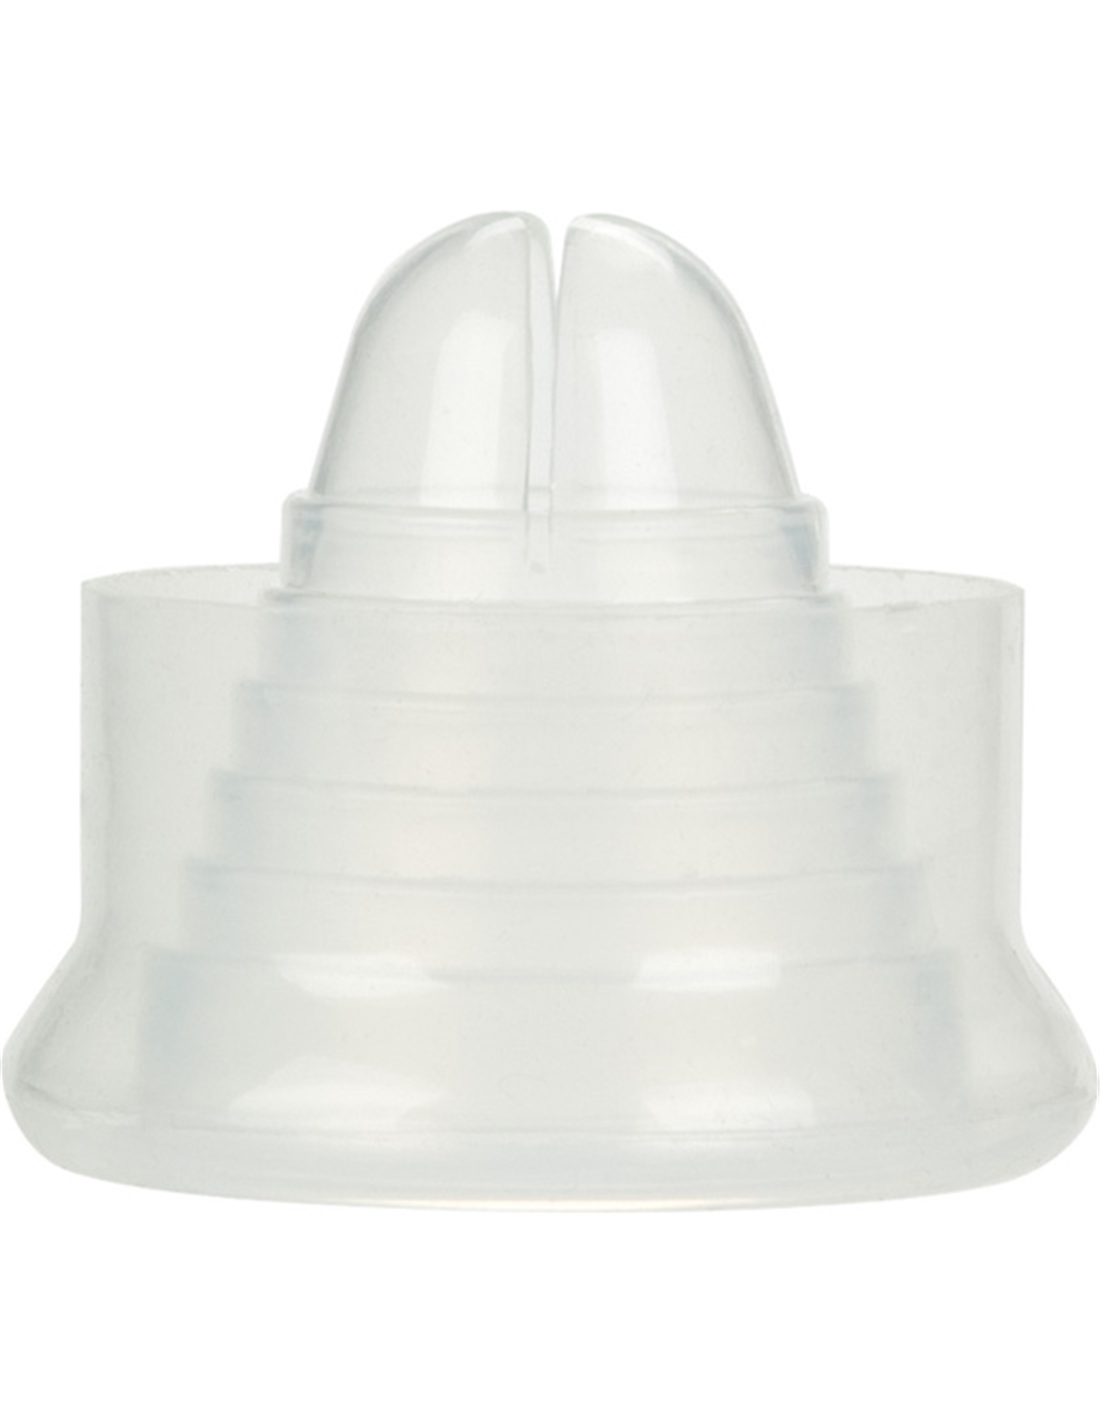 Borracha Universal para Bombas de Vacuo - Transparente - PR2010312812